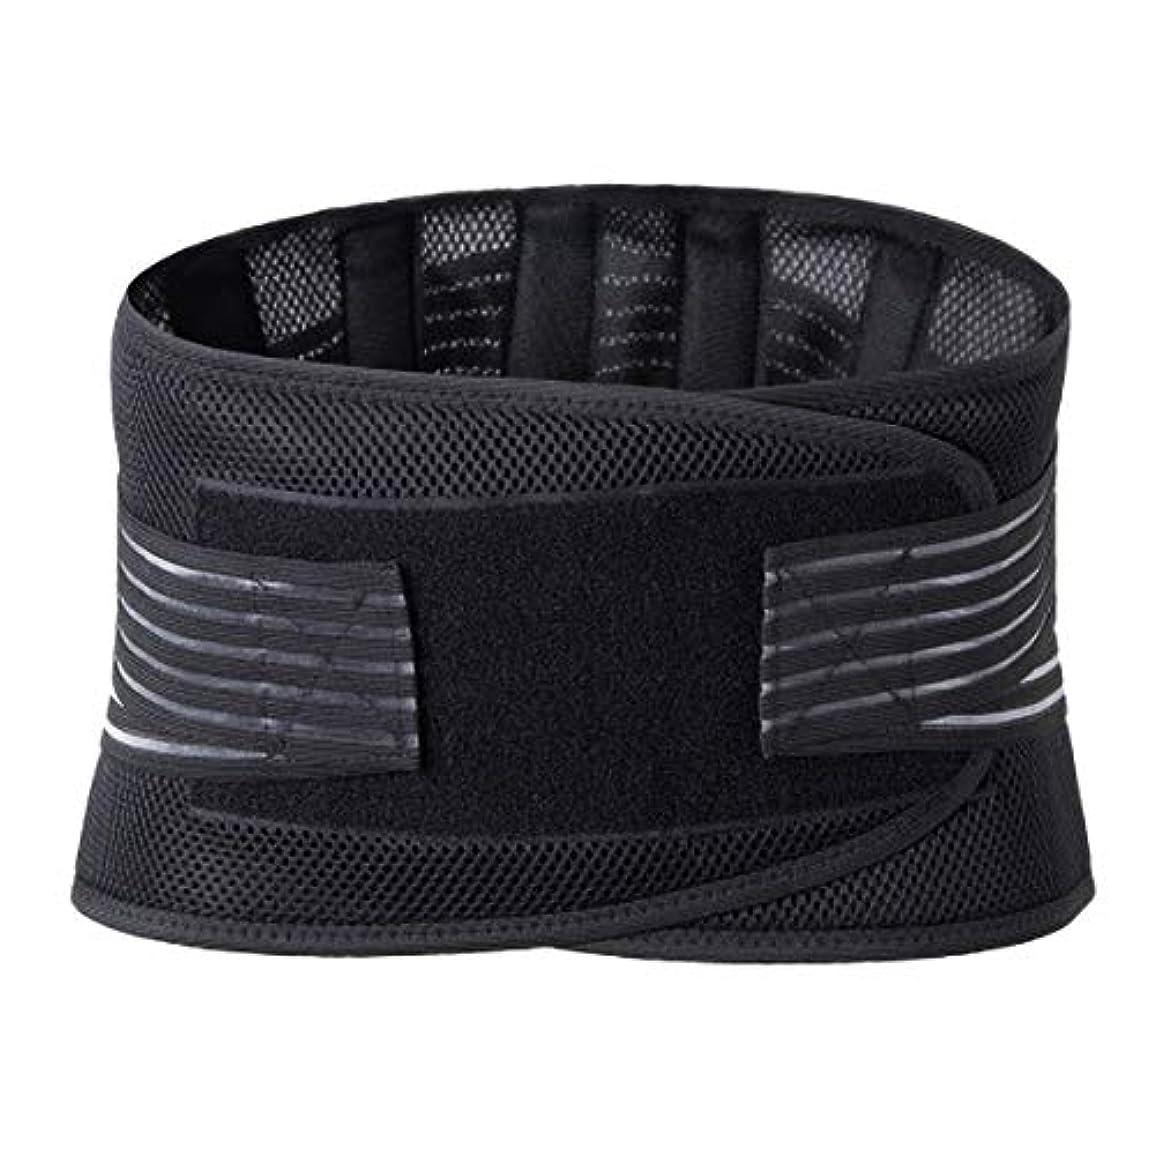 バン討論憧れランバーウエストサポートバックブレースベルトウエストサポートブレースフィットネススポーツ保護姿勢コレクター再構築 - ブラック